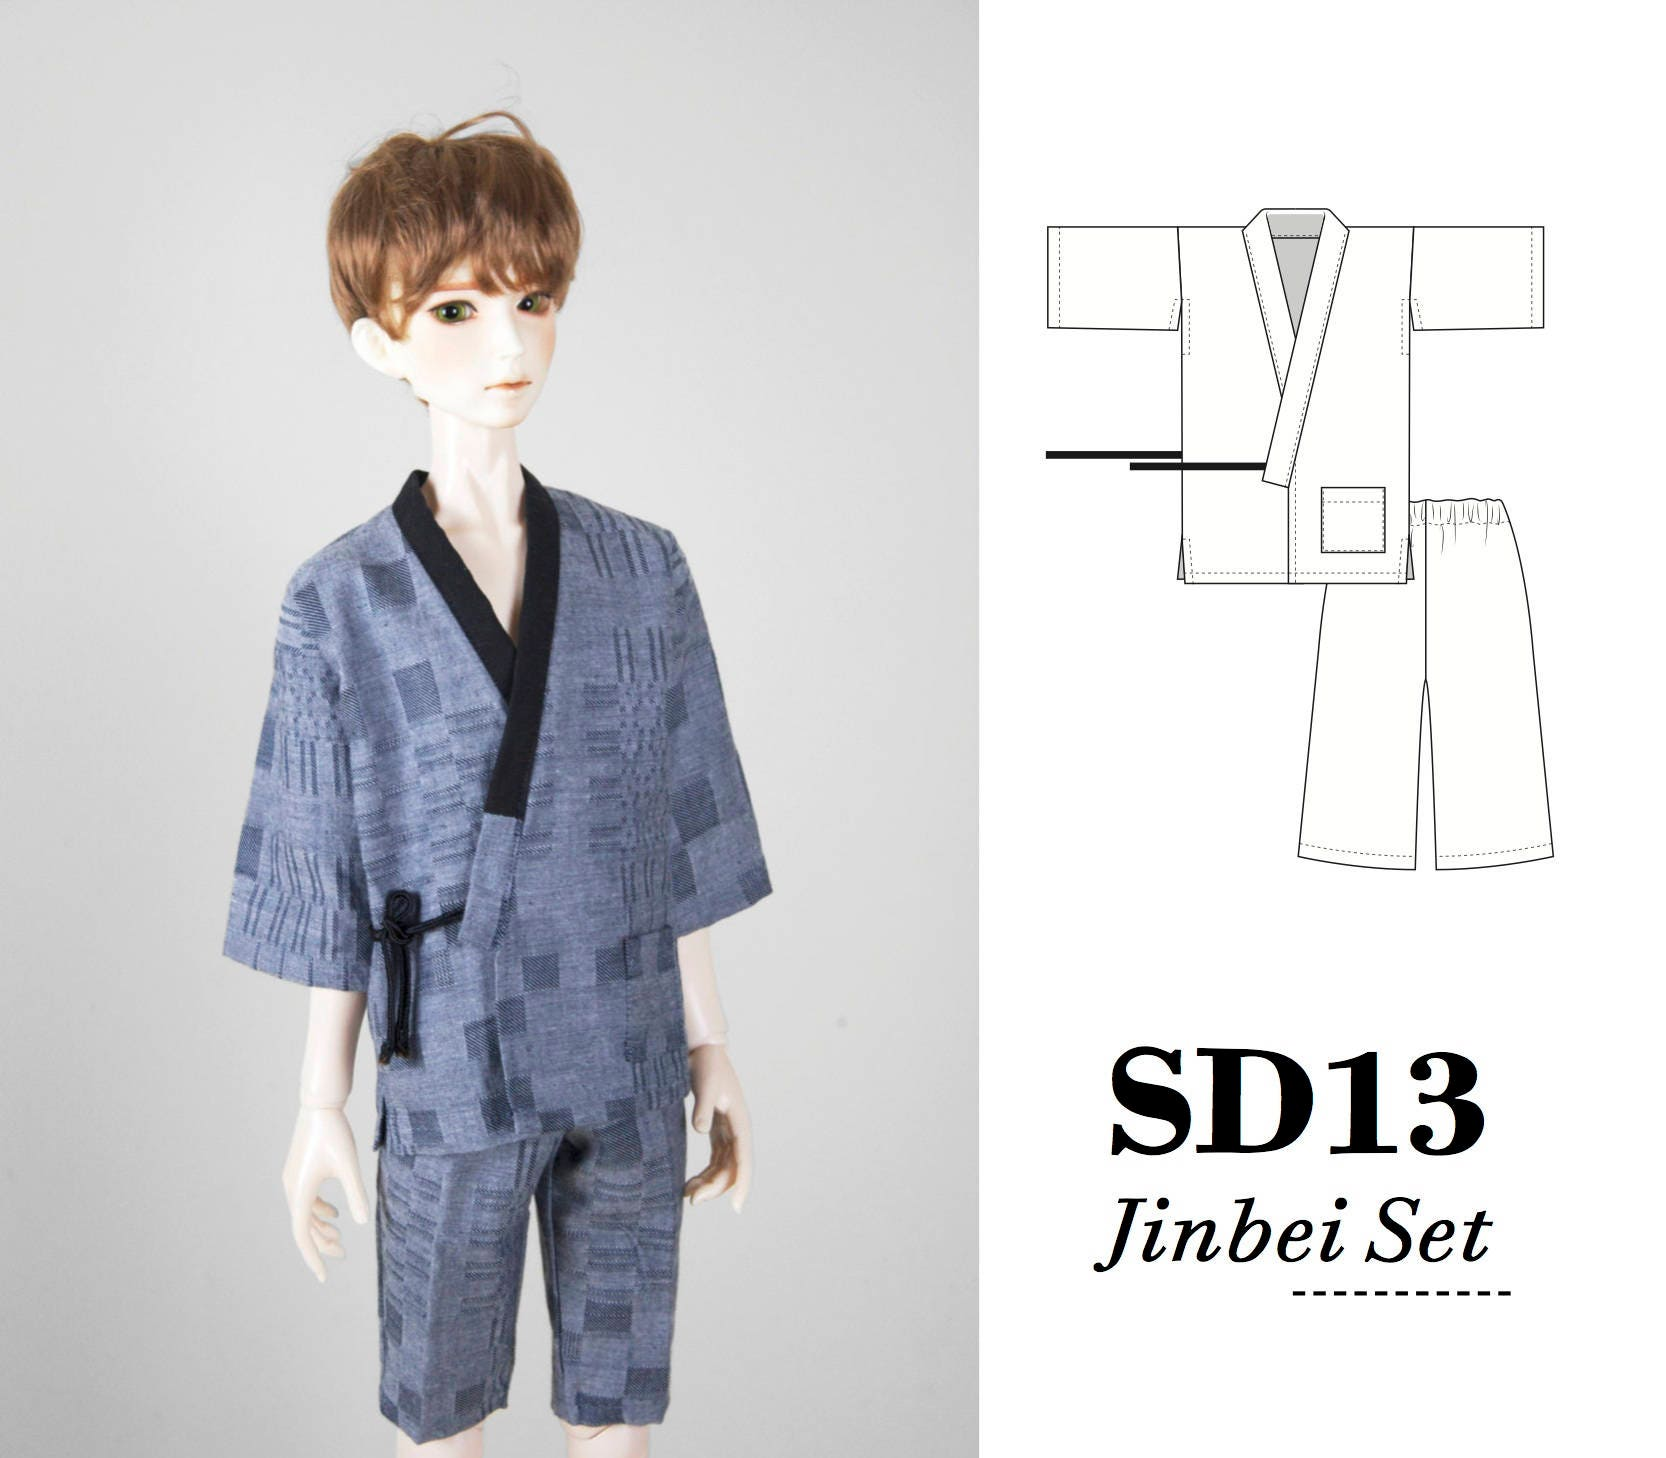 Muster Pdf für BJD SD13 1/4 Puppe Yukata Kimono einfach nähen